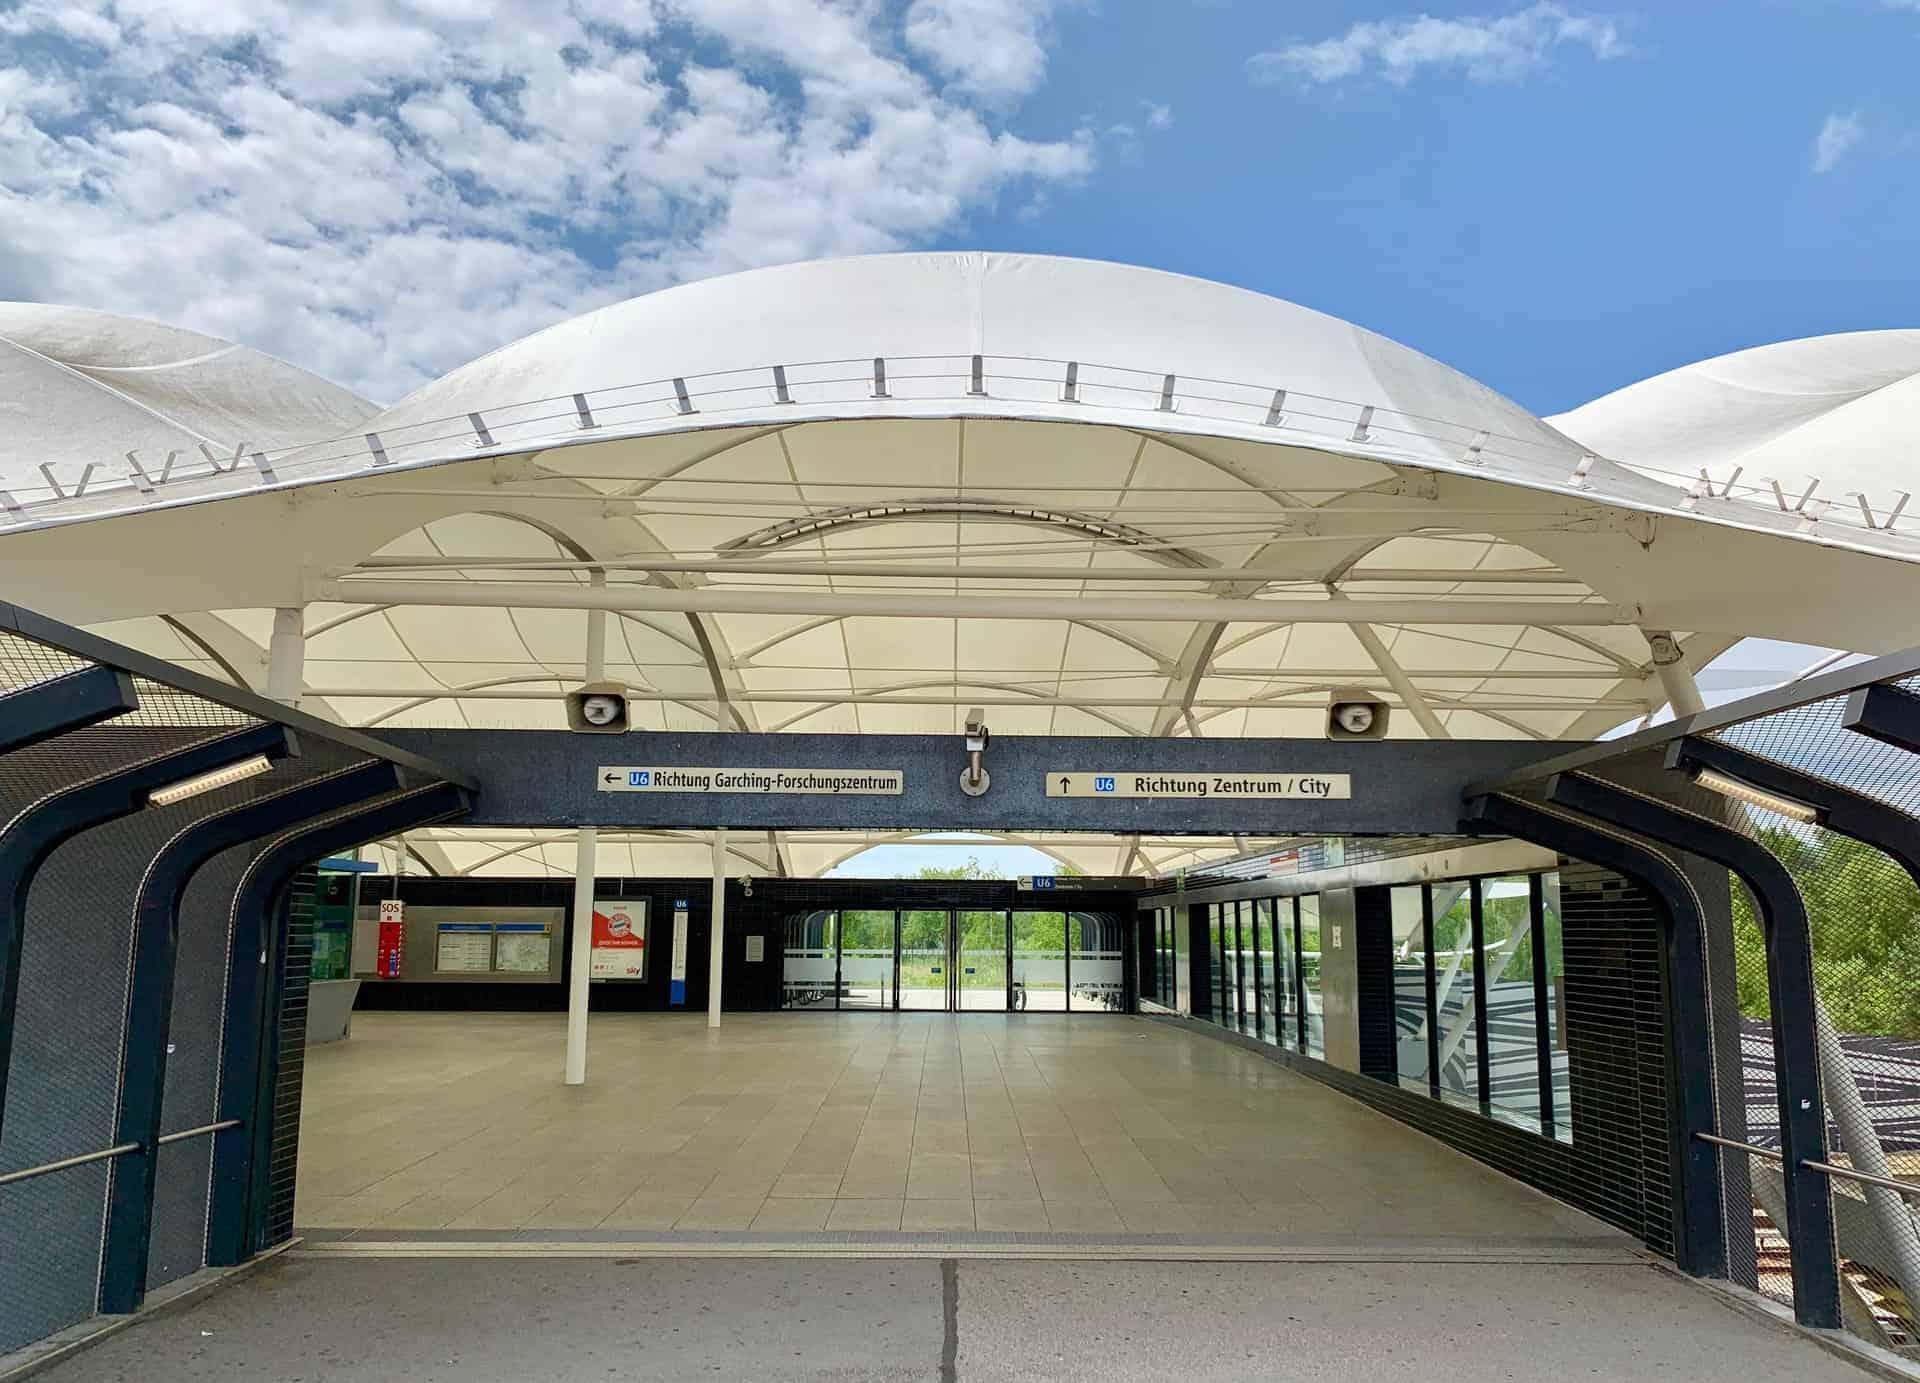 München_Allianz_Arena_U6_Bahnhof